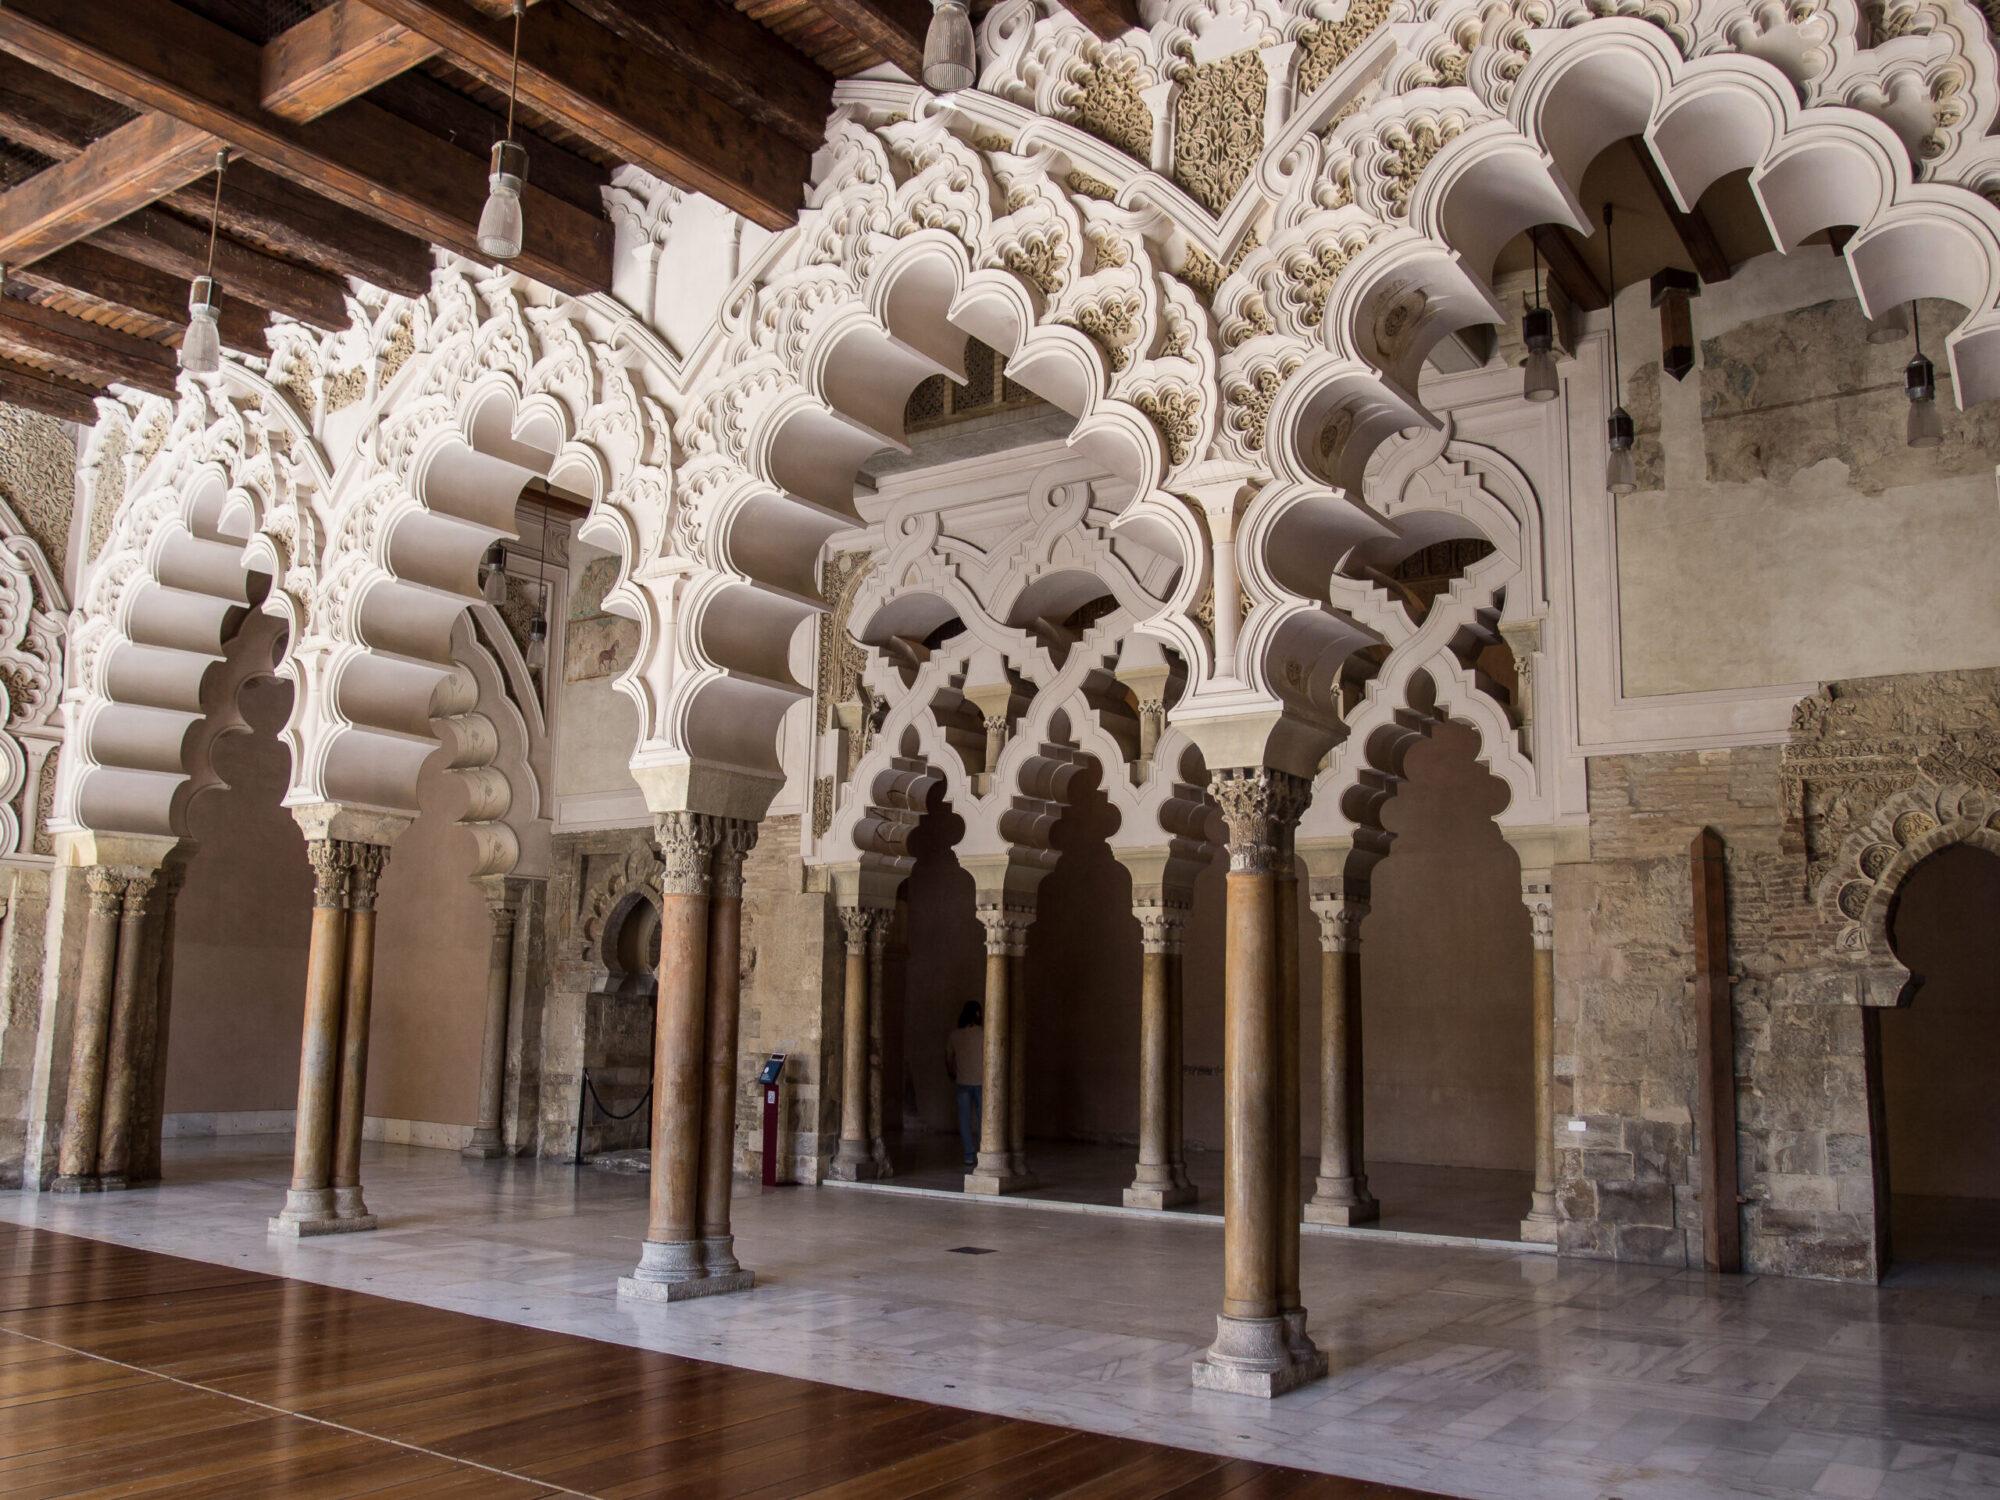 アルハフェリア宮殿 イスラム アーチ